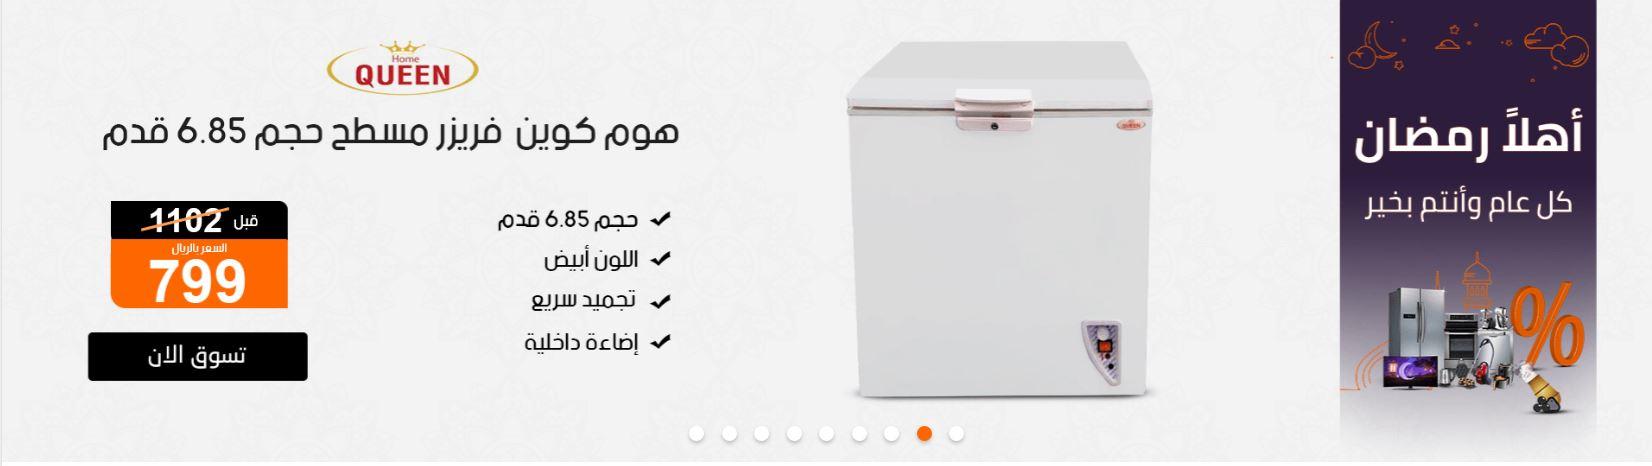 عروض رمضان 2019 الصندوق الاسود اجهزة متنوعة